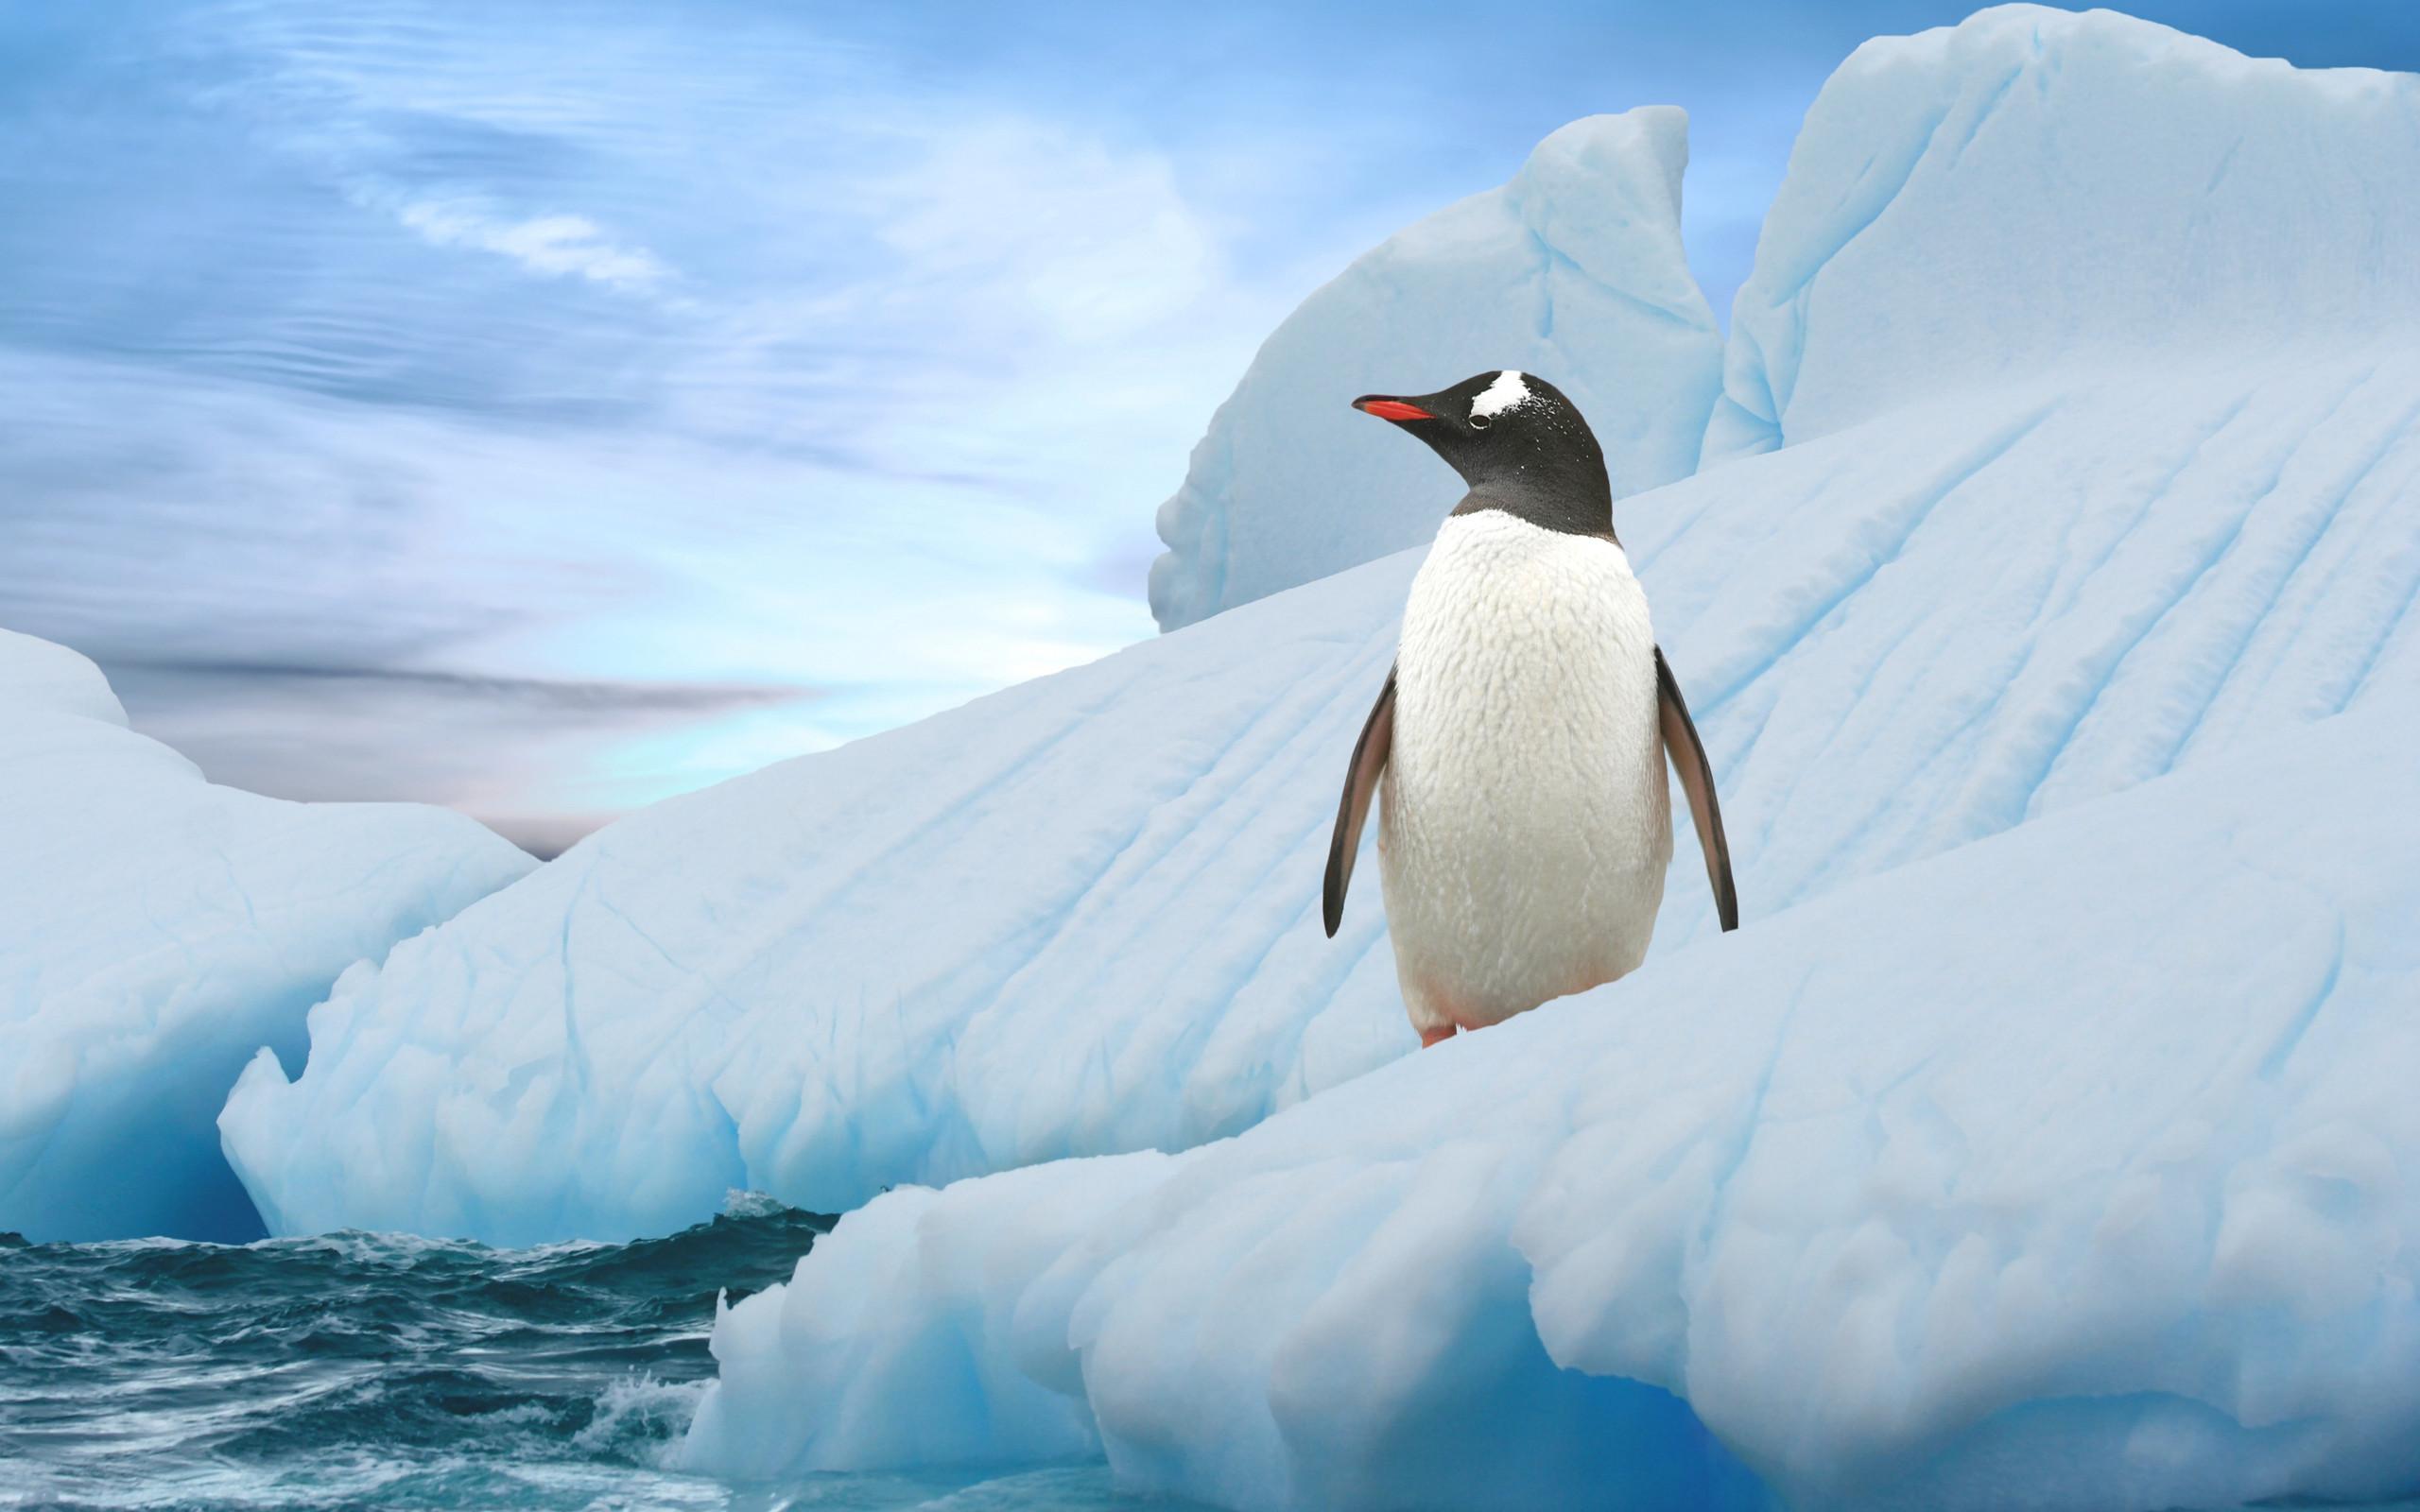 Animals Wallpaper: <b>Baby Penguin</b> Wallpaper Desktop Background for